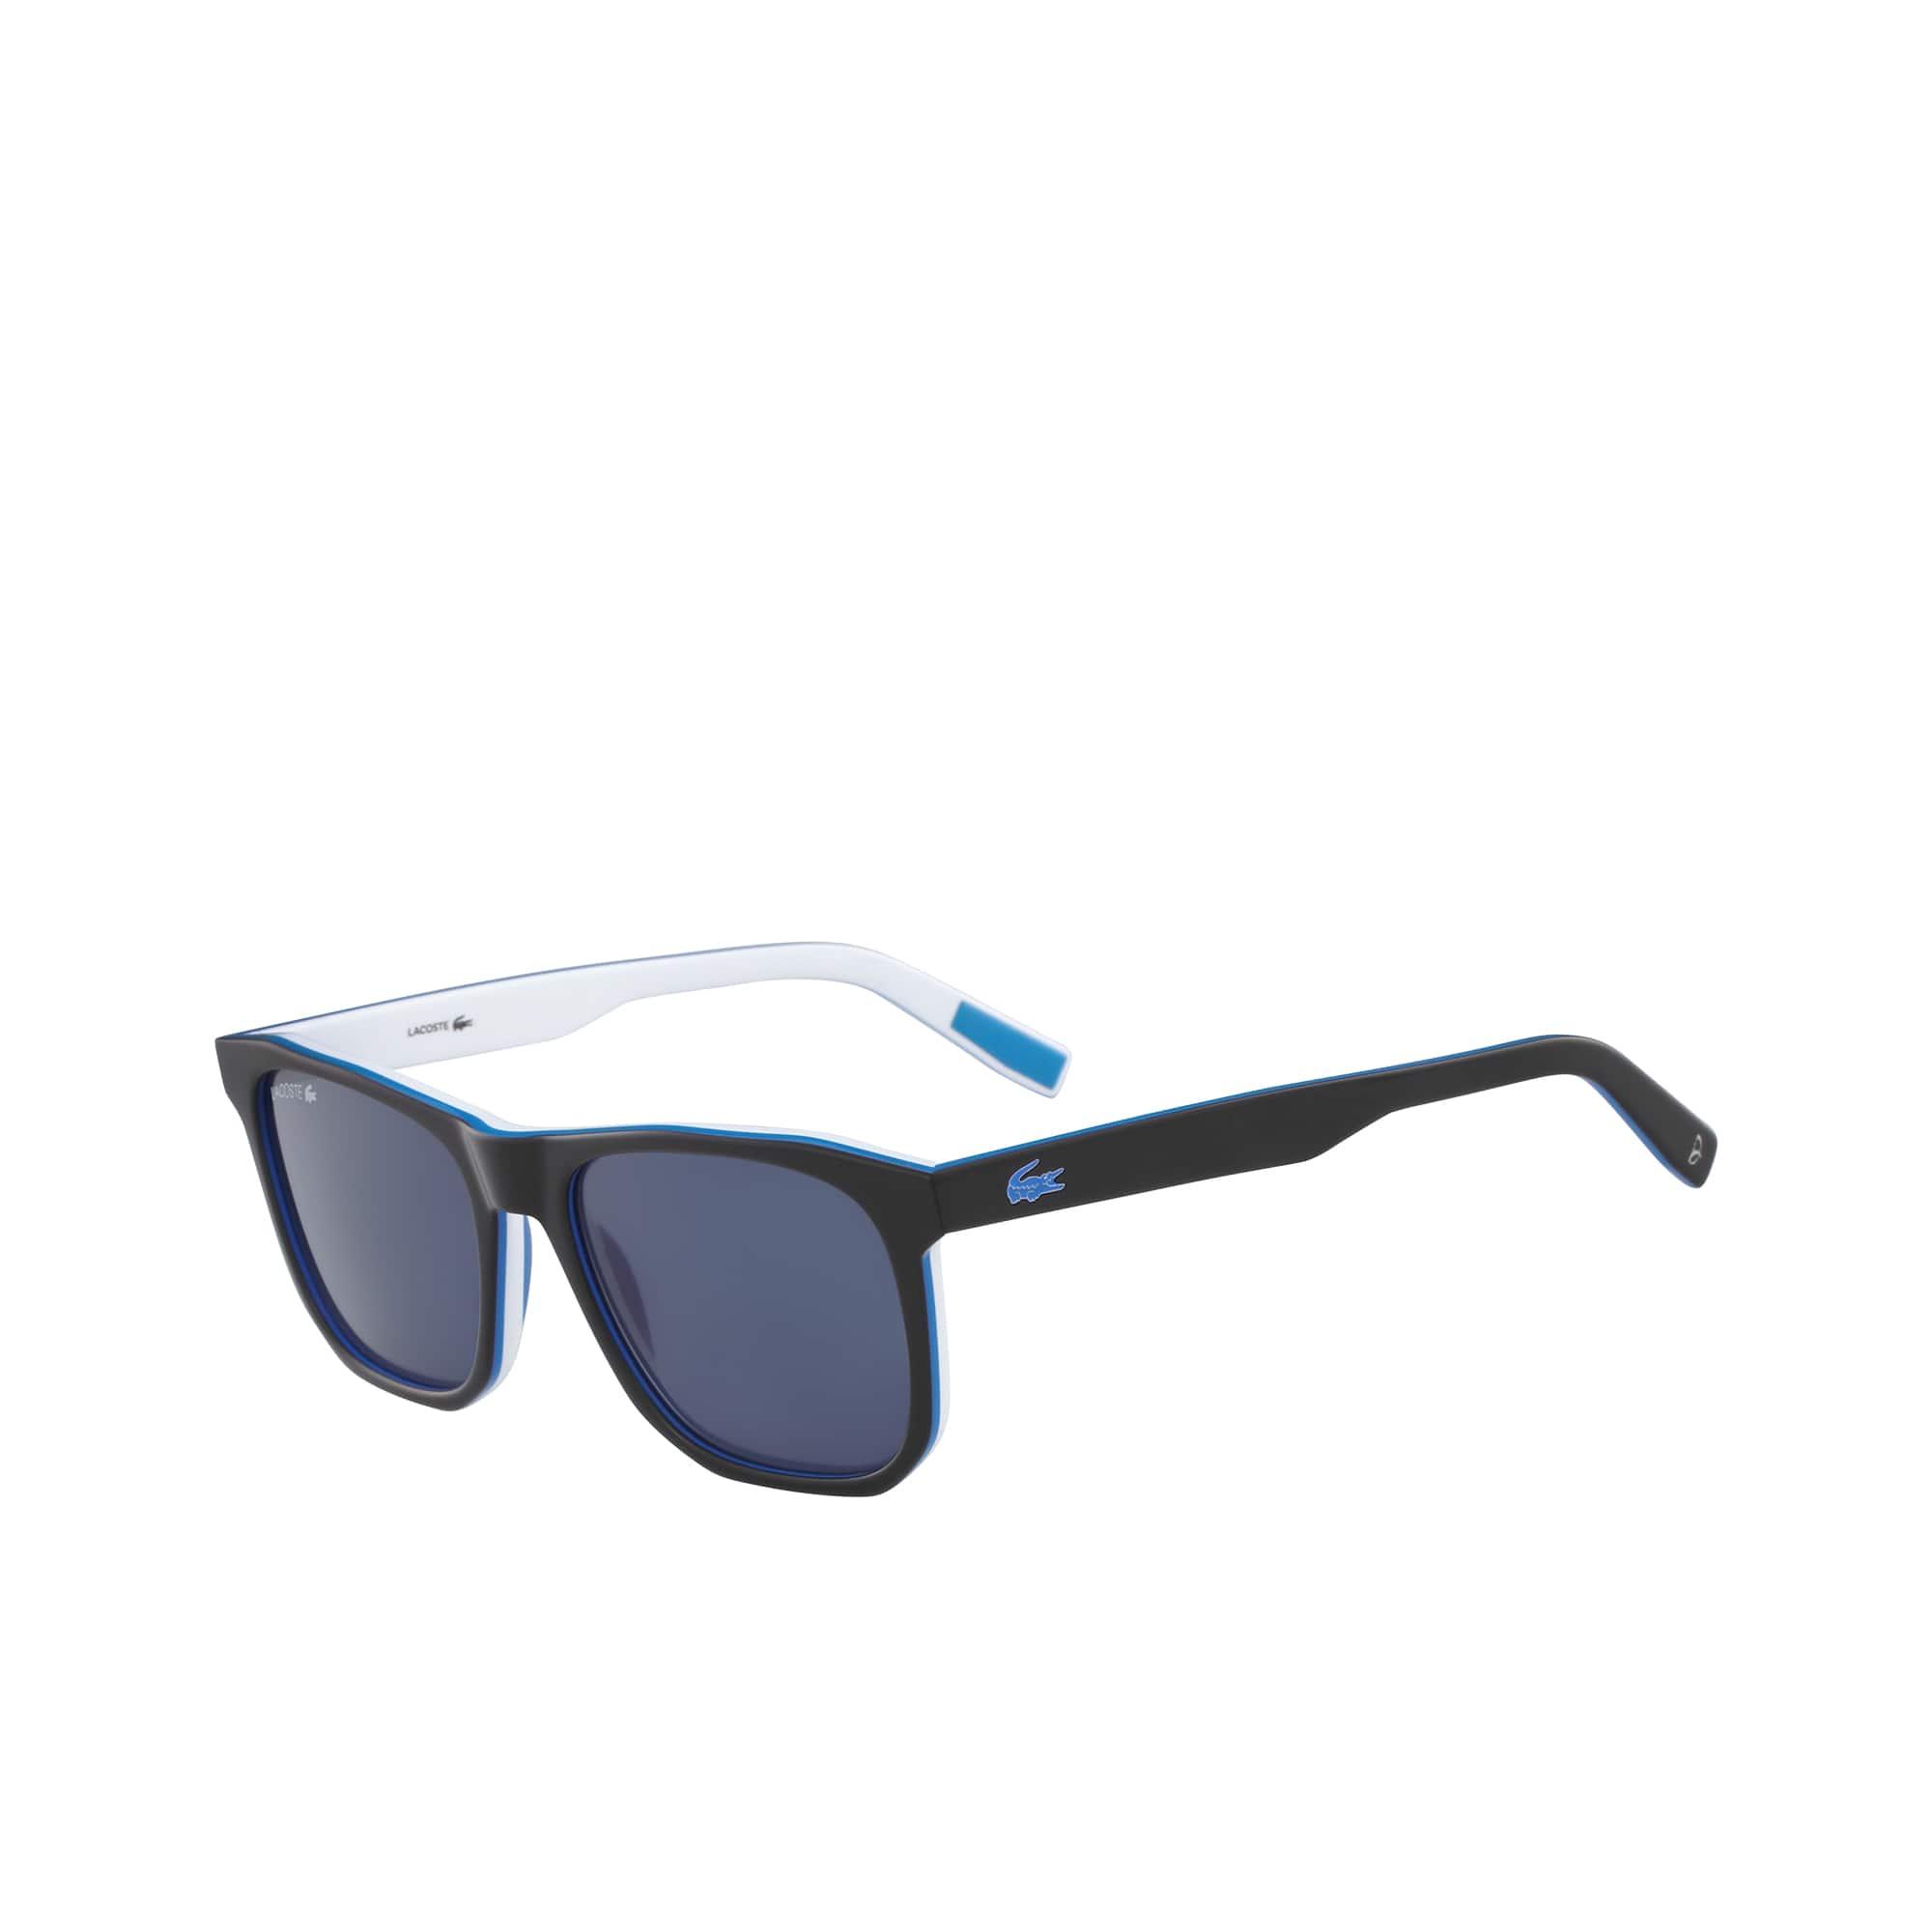 Occhiali da sole Stripes & Piping - LT12 da uomo con montatura in acetato